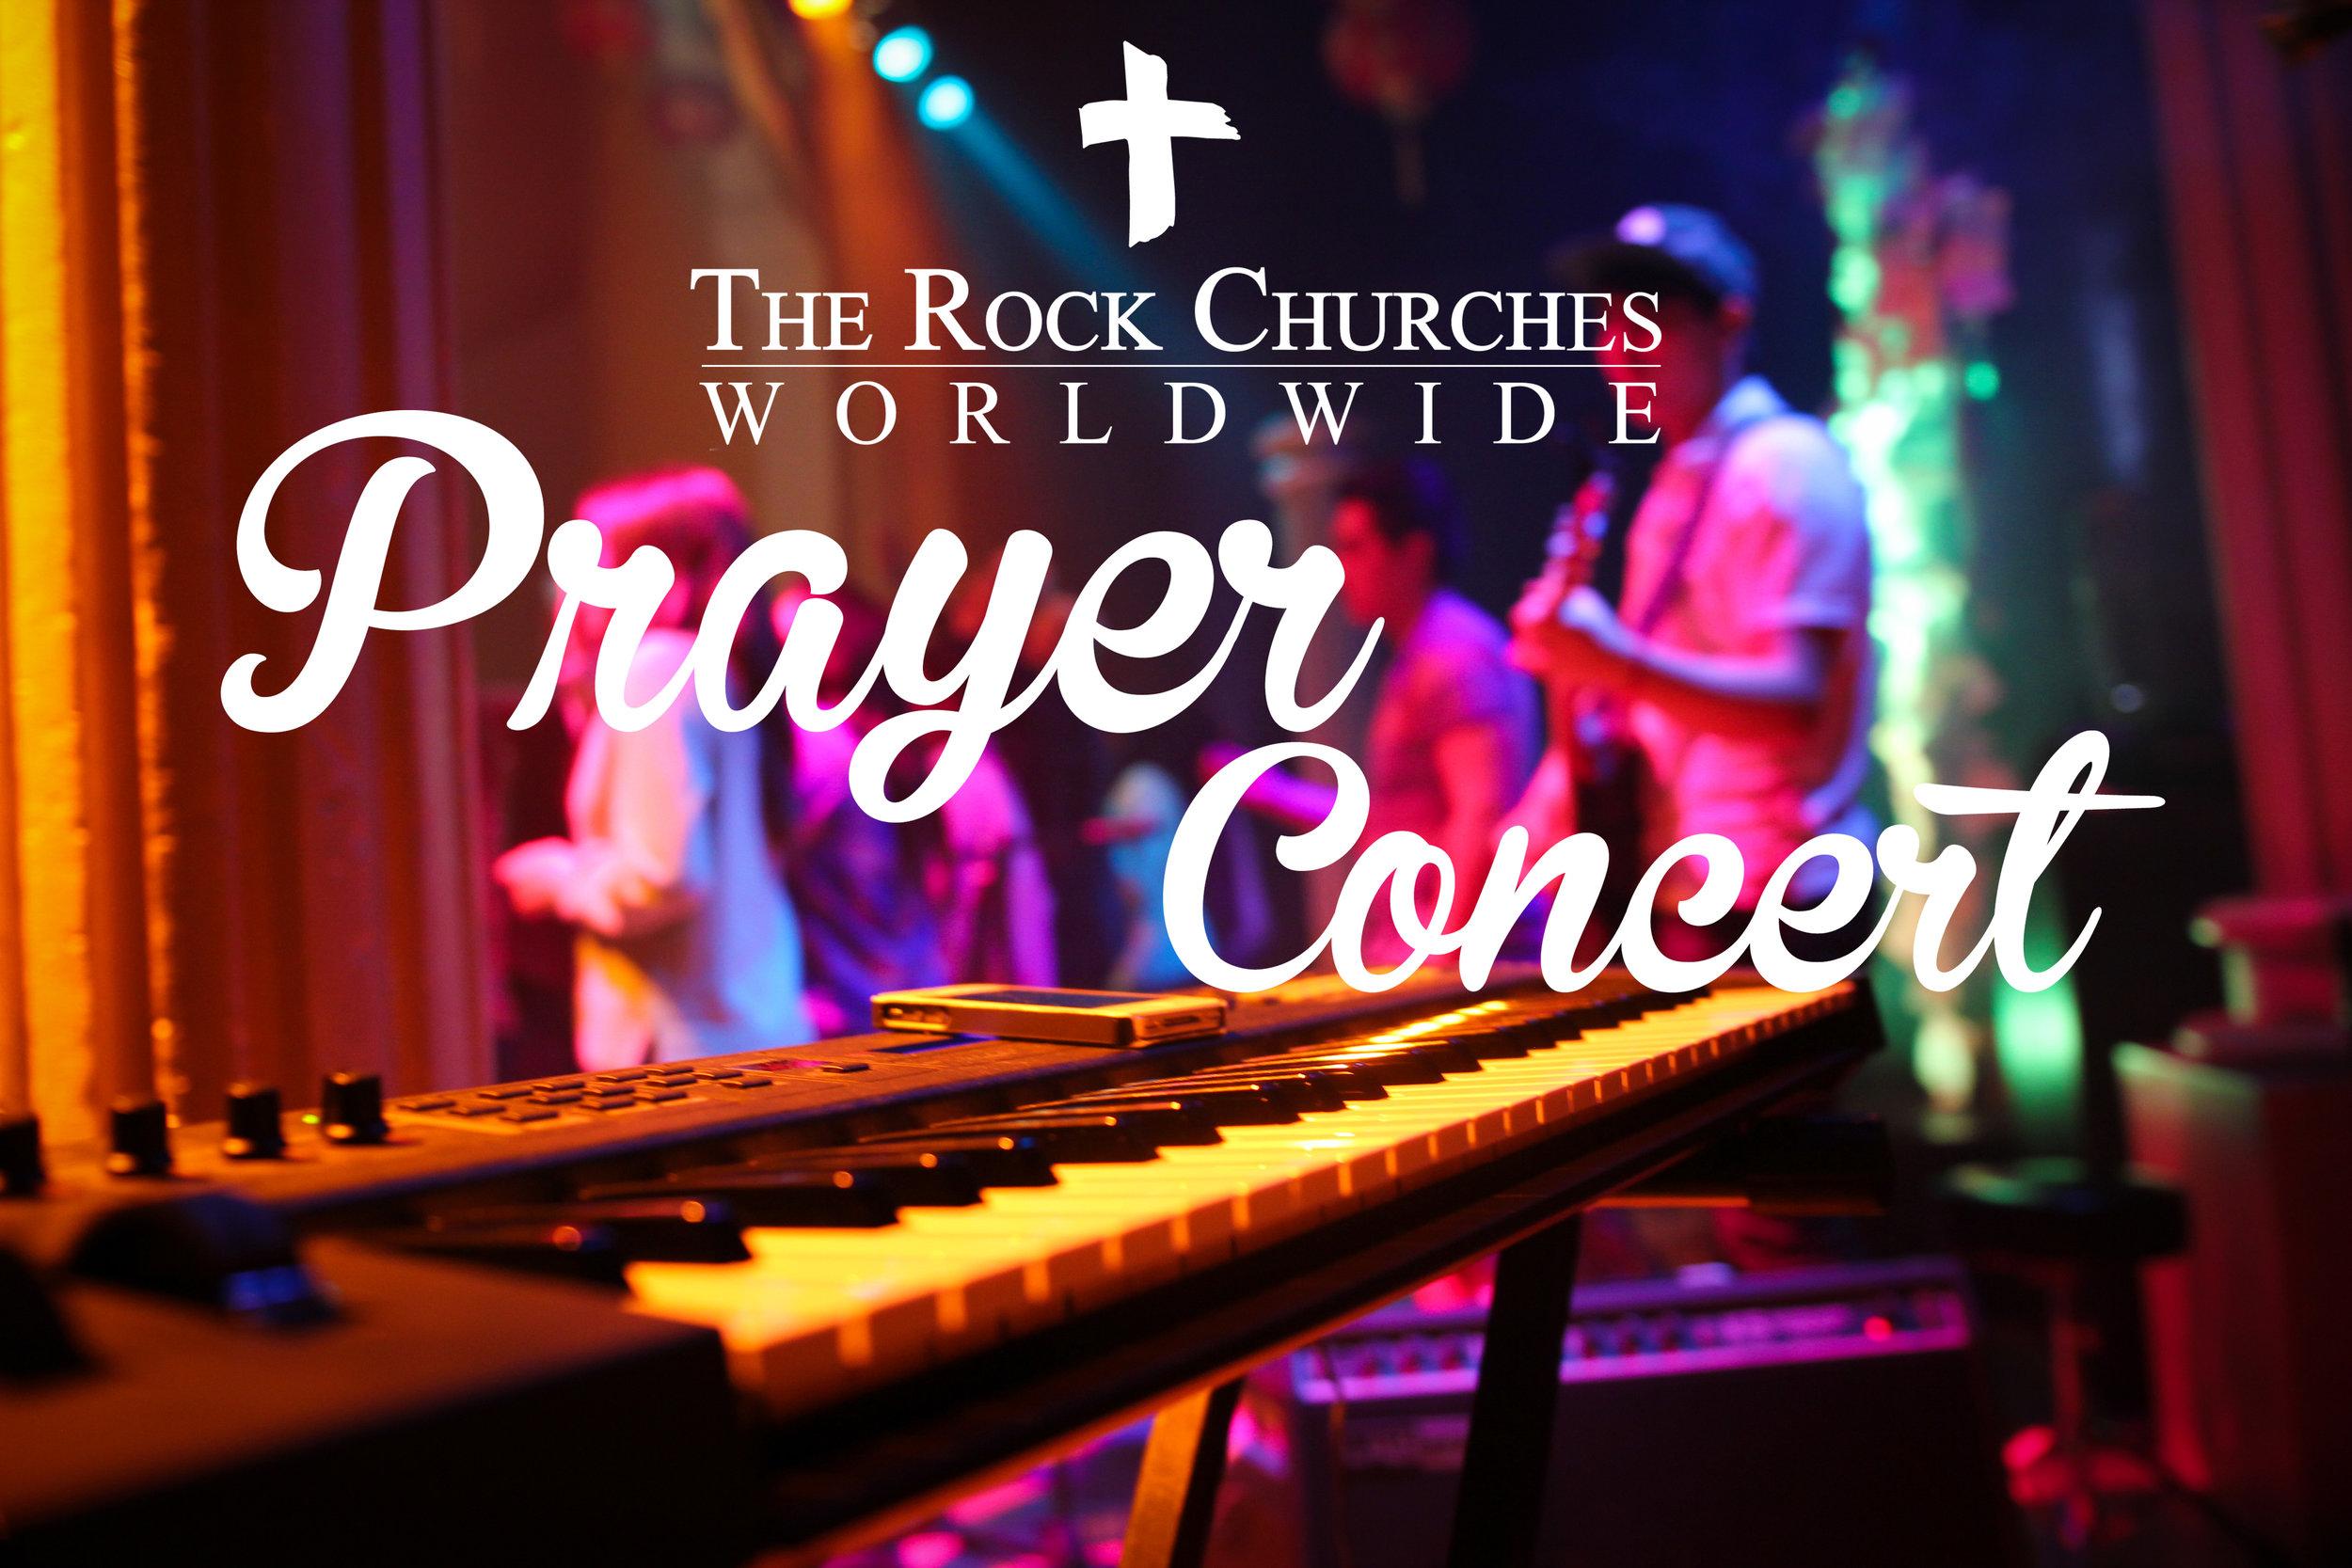 Panalangin Sa Prayer Concert - Ang pinakamalaki, pinakamarilag na pagdiriwang na iyong masasaksihan! Tuwing unang Martes ng buwan, ito ang Rock Concert!